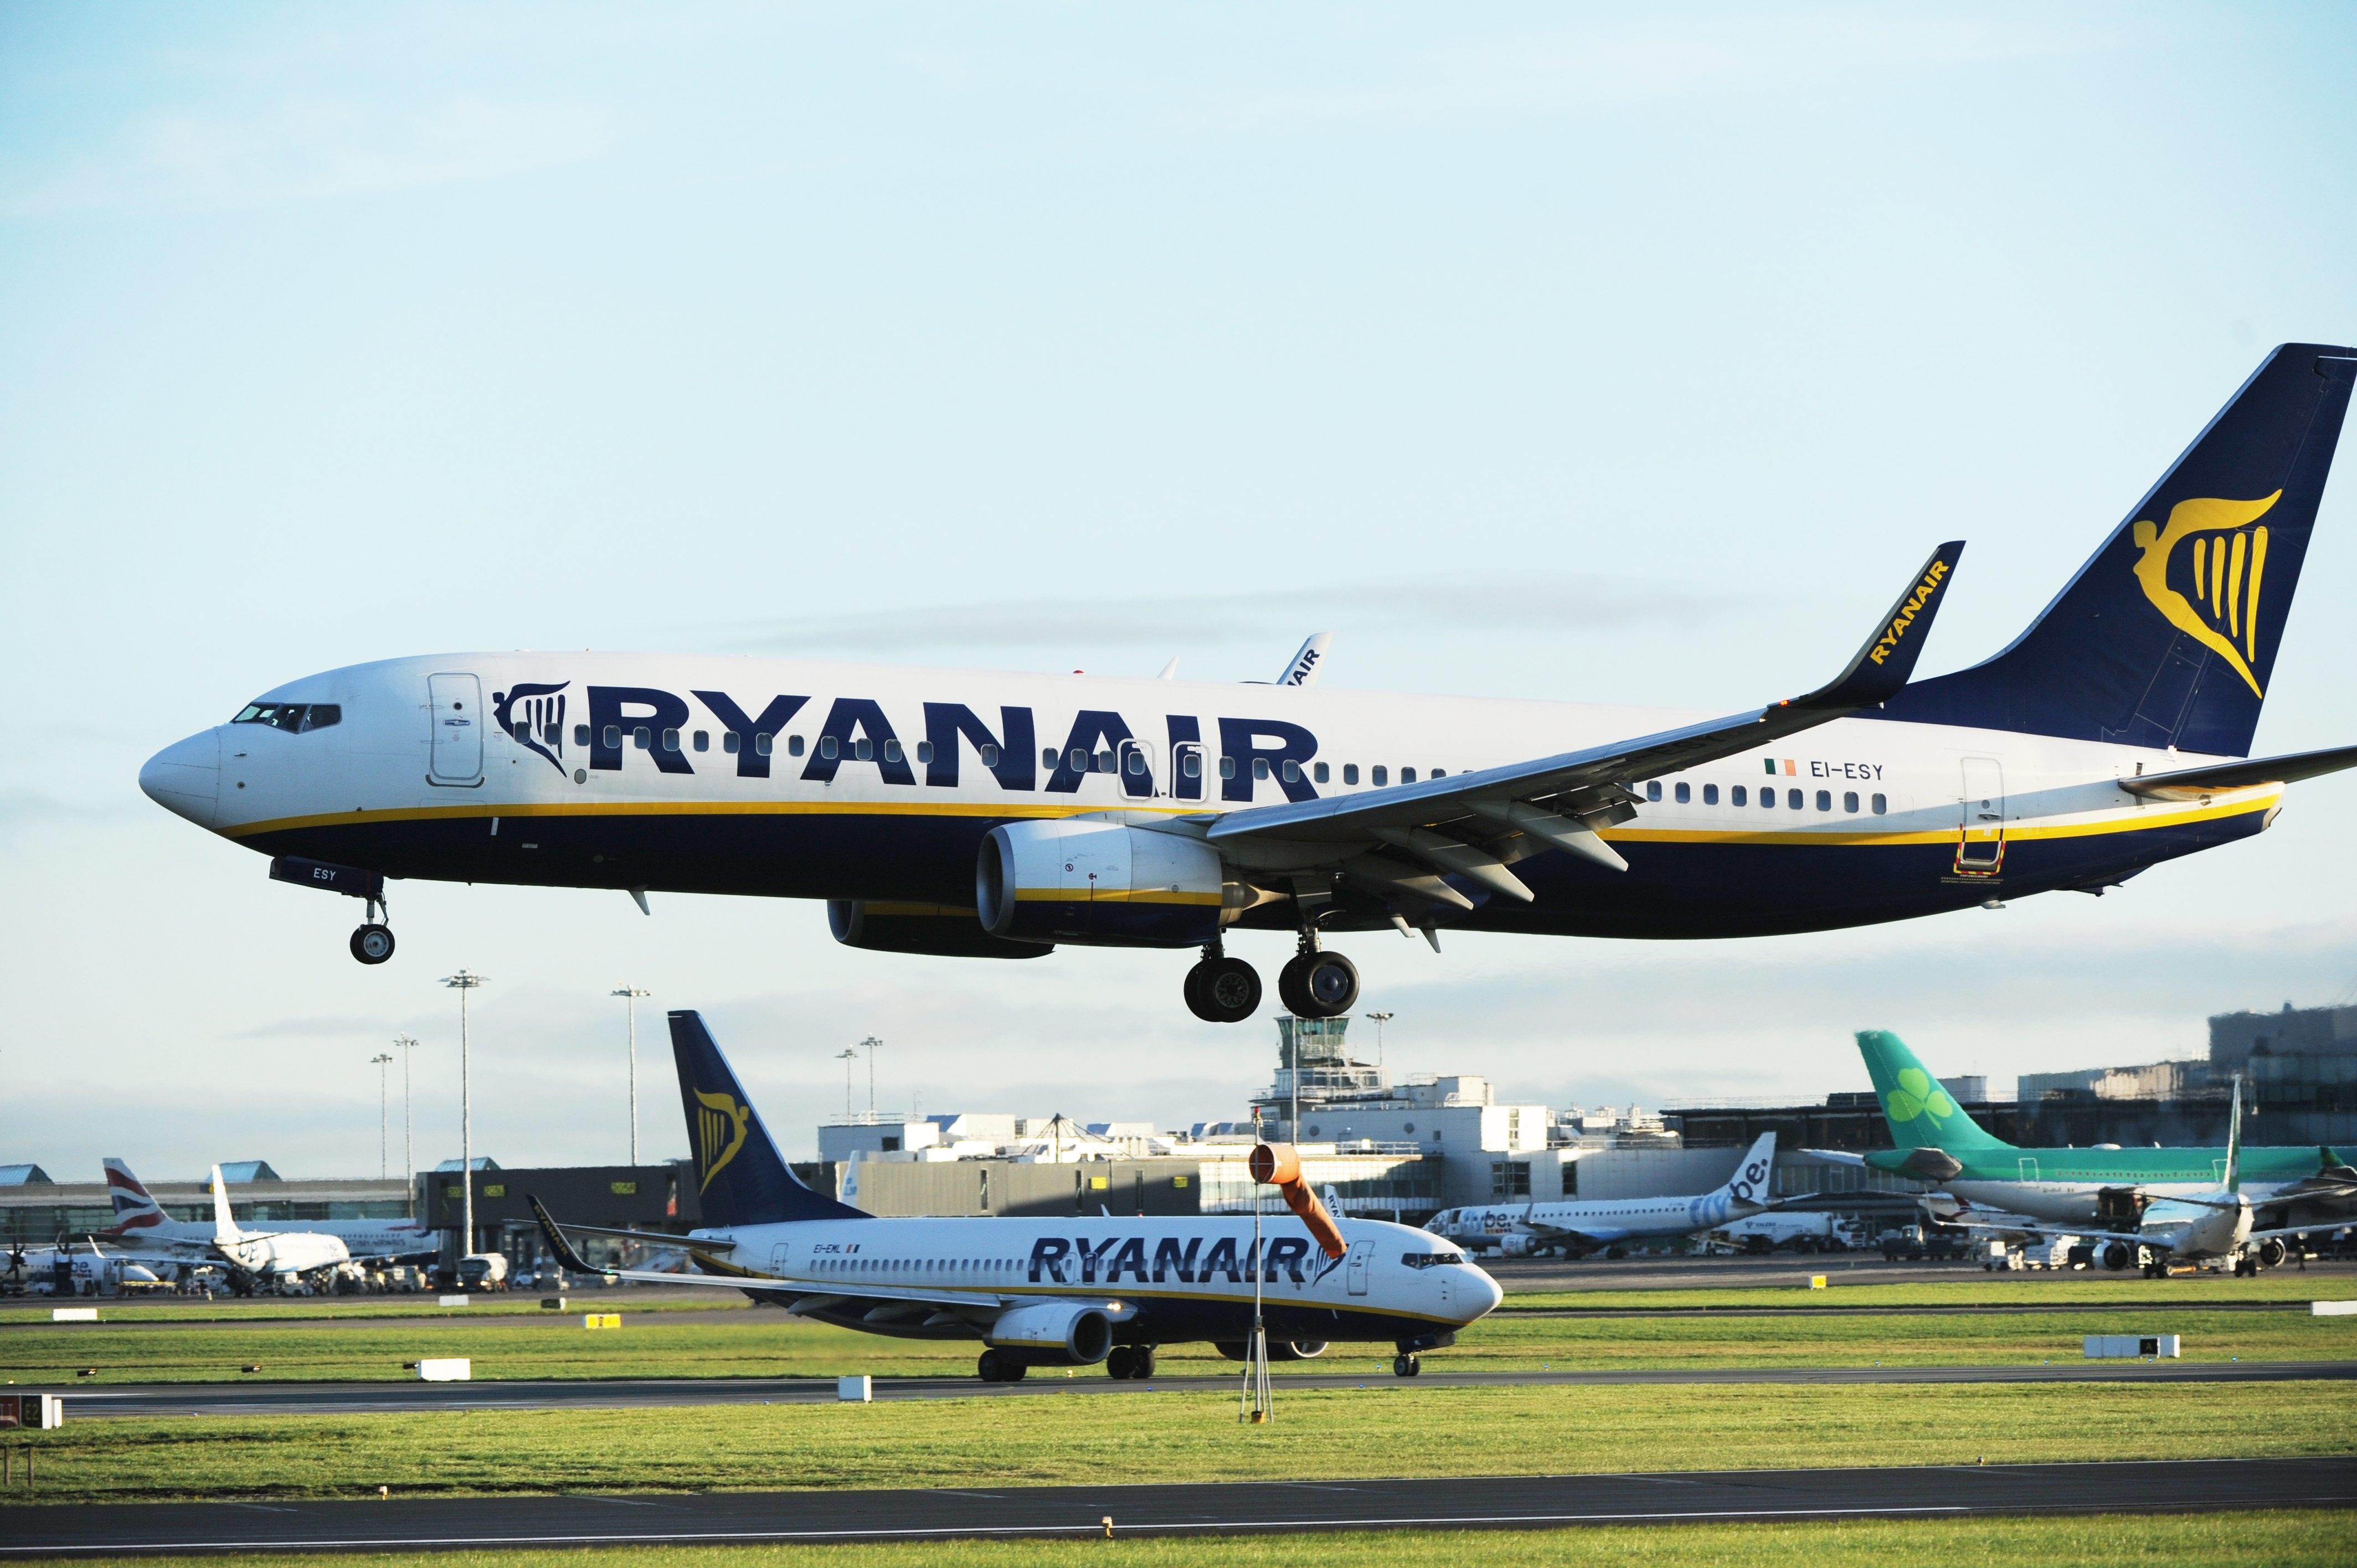 Pilotos da Ryanair vão entrar em greve antes do natal